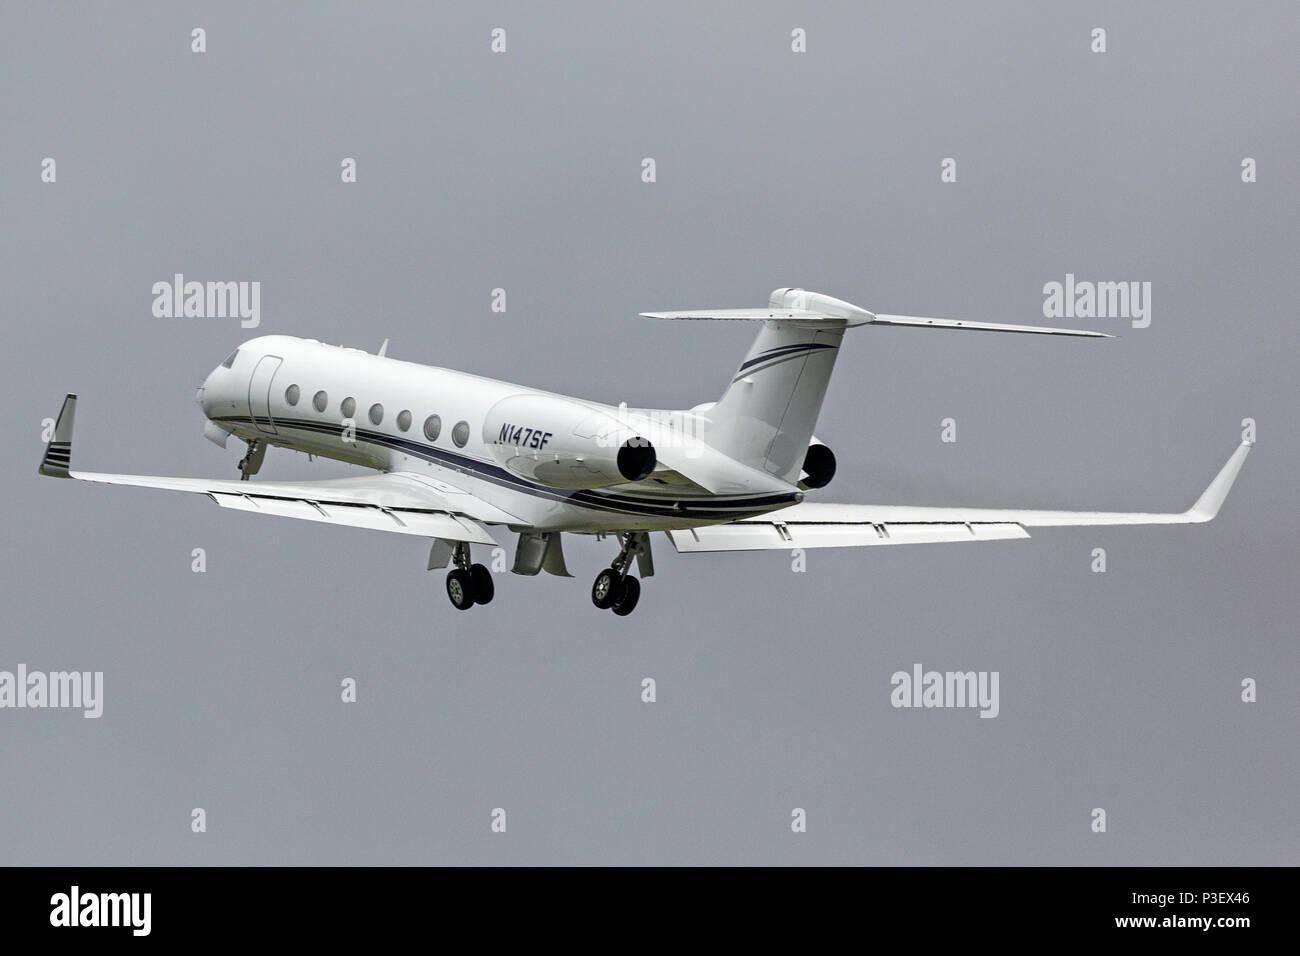 Un Gulfstream Aerospace GV-SP G550 de jets d'affaires, enregistrée sous le numéro N147SF, décollant de l'aéroport de Luton en Angleterre. Photo Stock